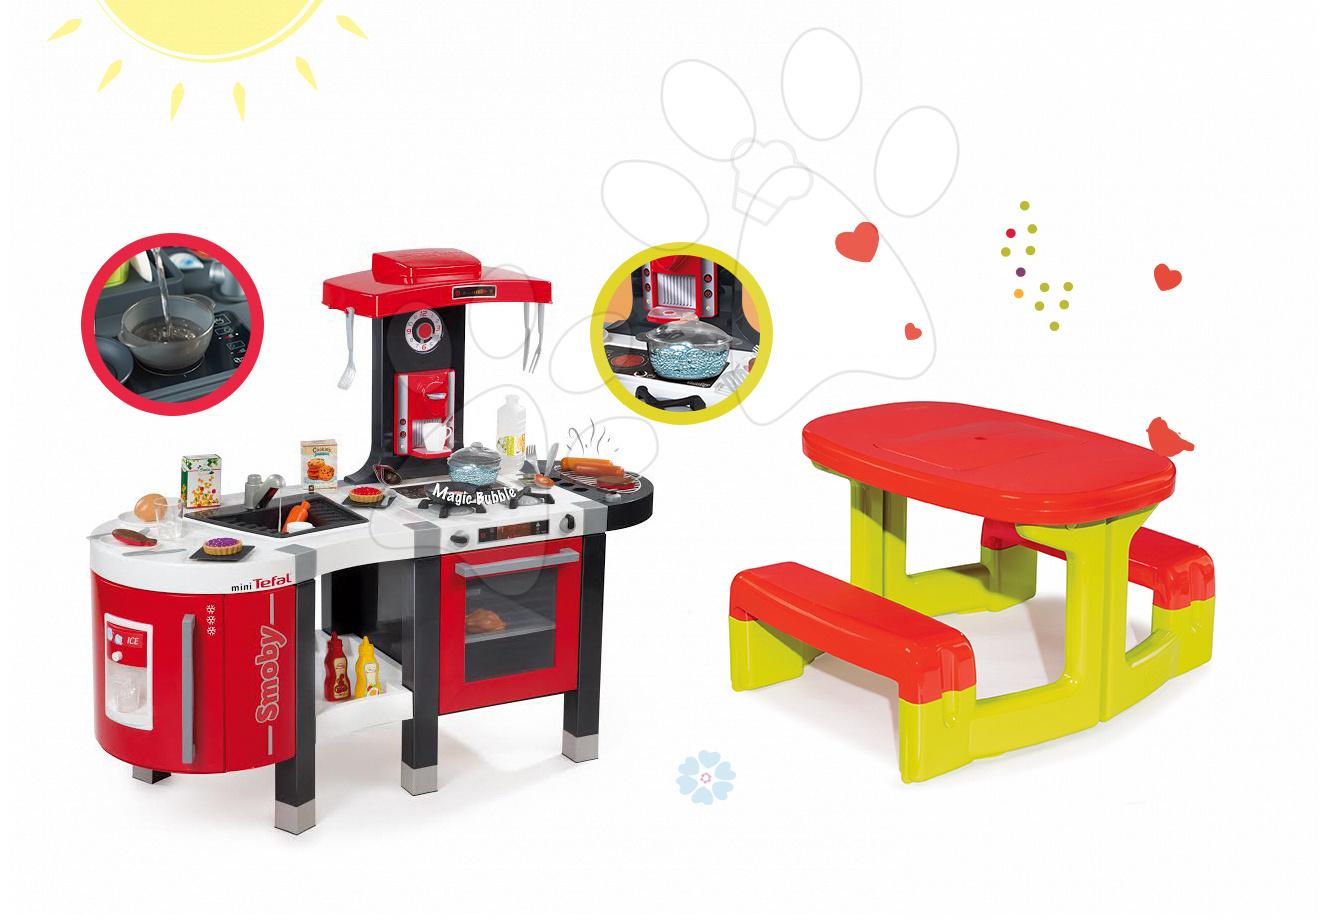 Set kuchyňka Tefal French Touch Bublinky&Voda Smoby s magickým bubláním a stůl Piknik s úložným prostorem